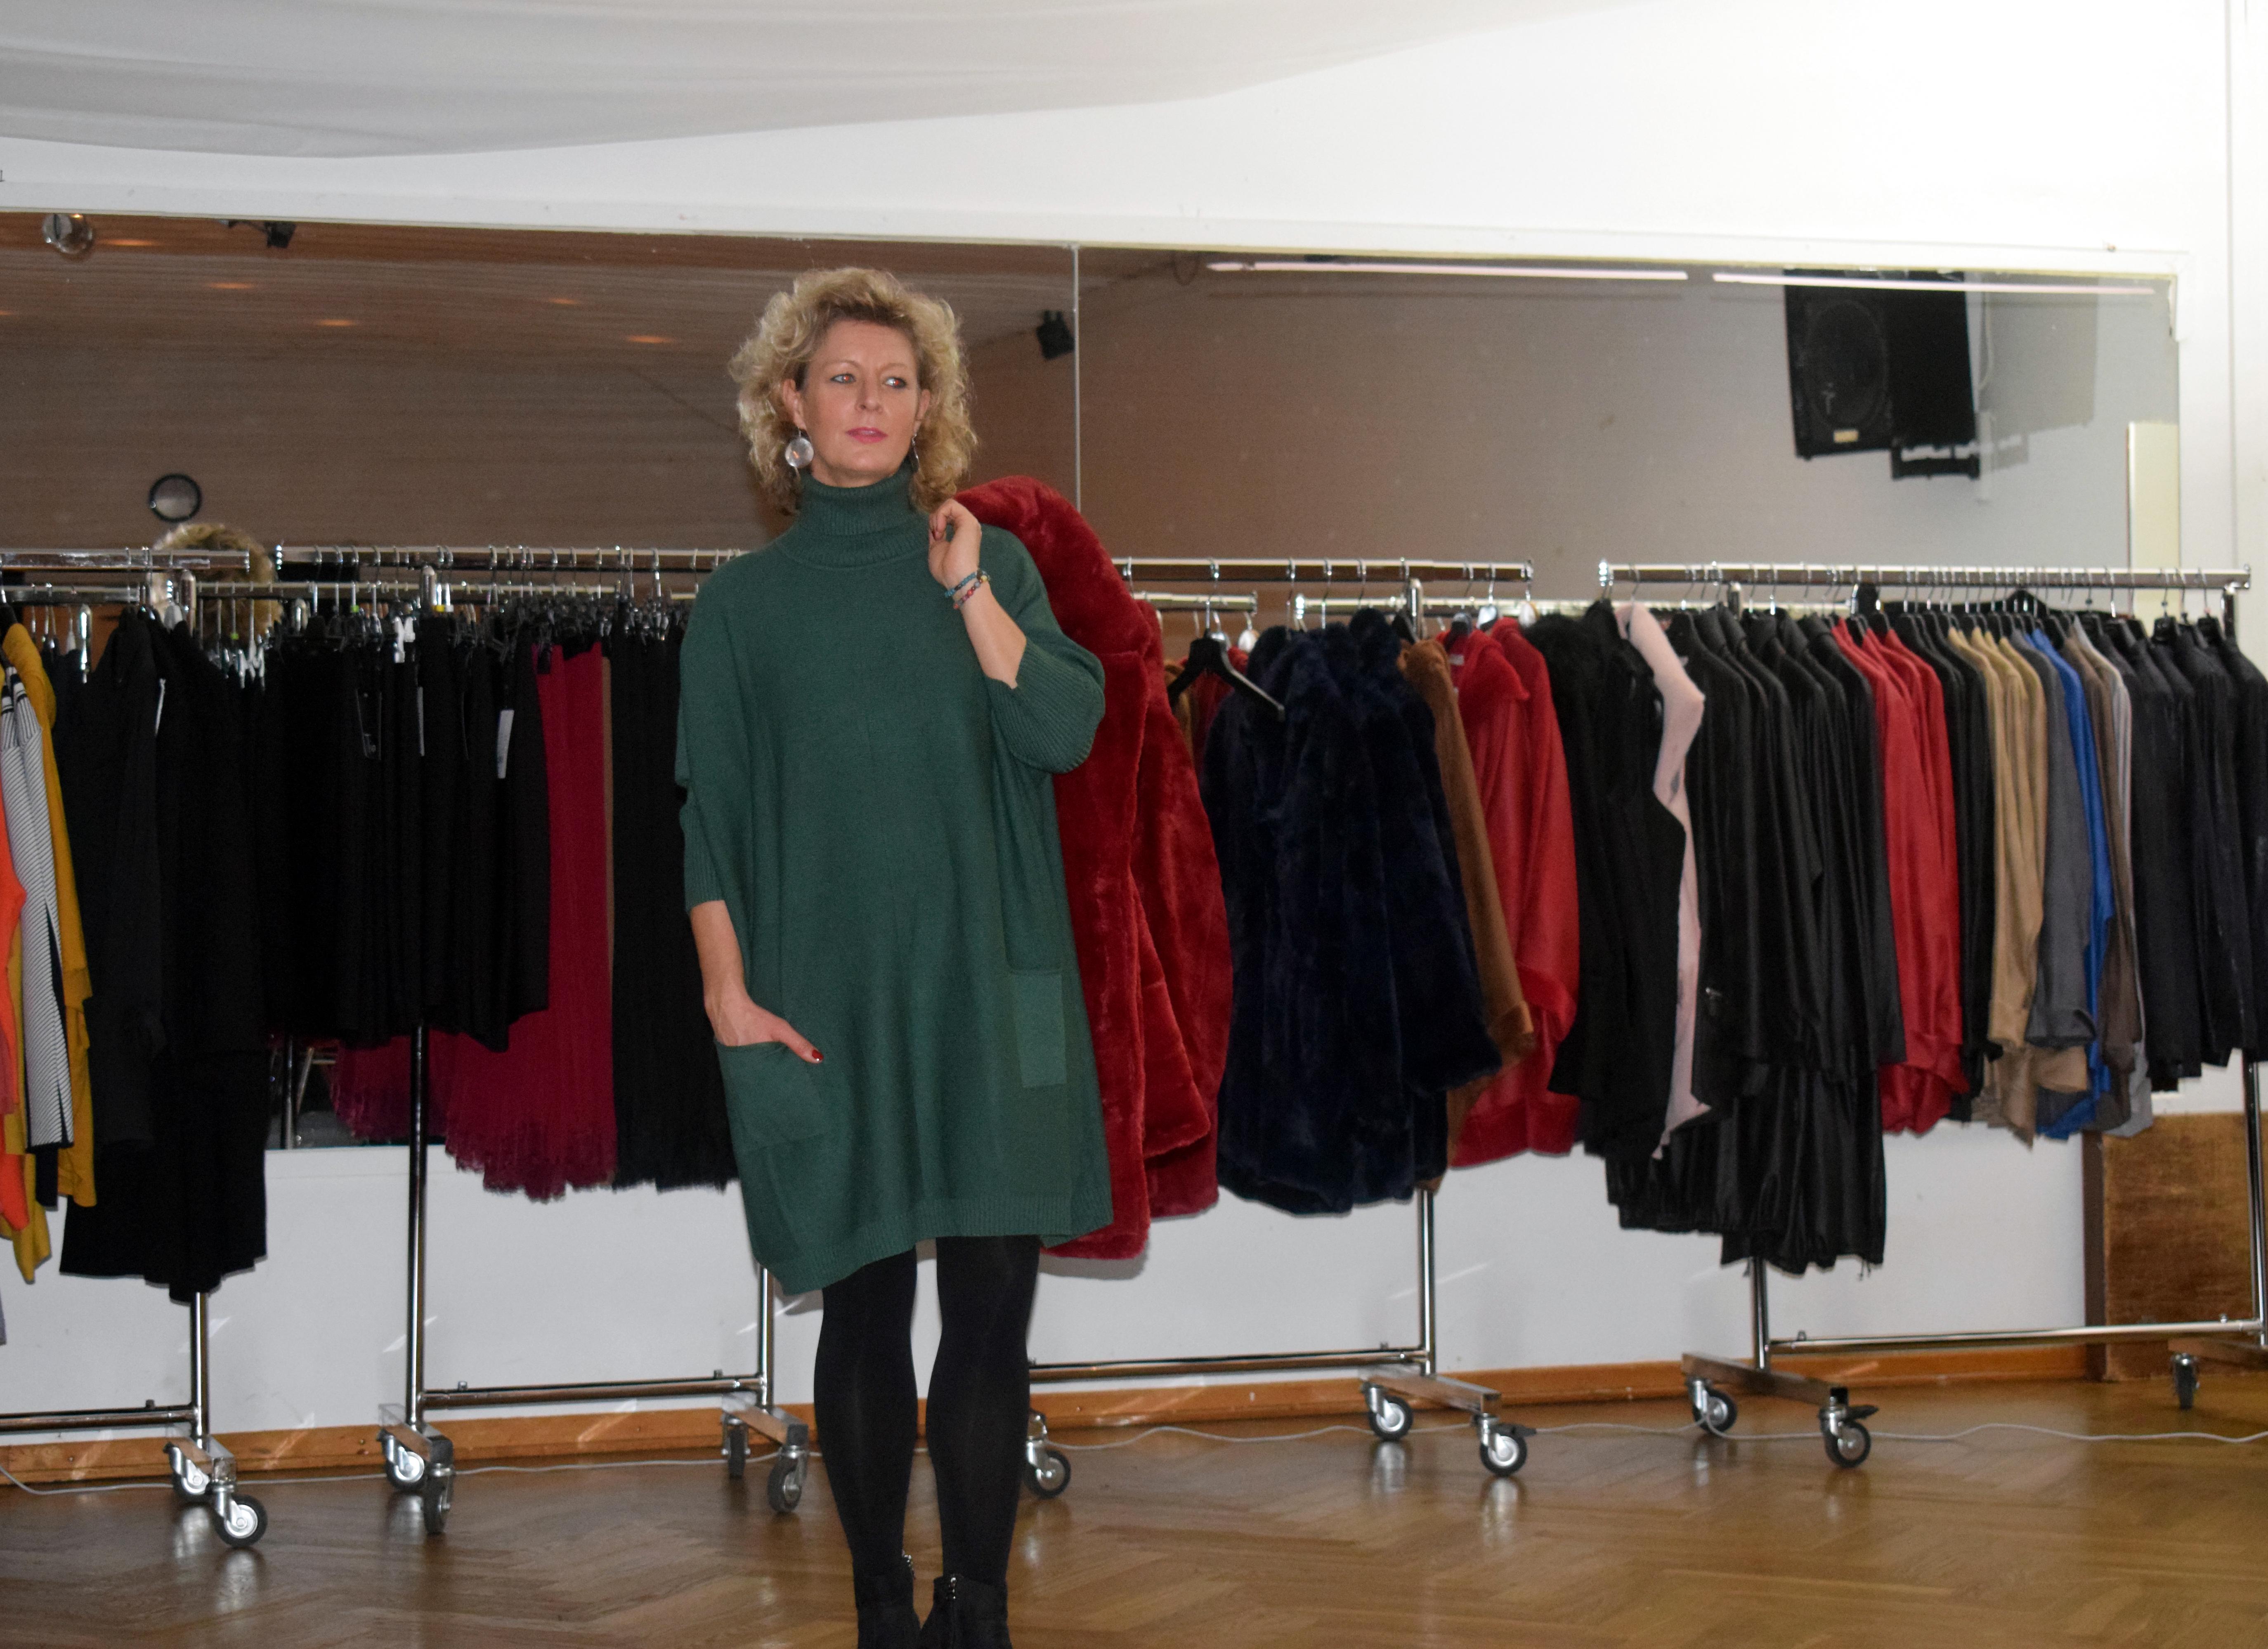 Mode, Modenschau, Anne Arendt, MCA, Mode, Chic, Arendt, Frauen zwischen 50 und 70 Jahren, Hamburg, Bergedorf, Lagerverkauf, Nachrichten